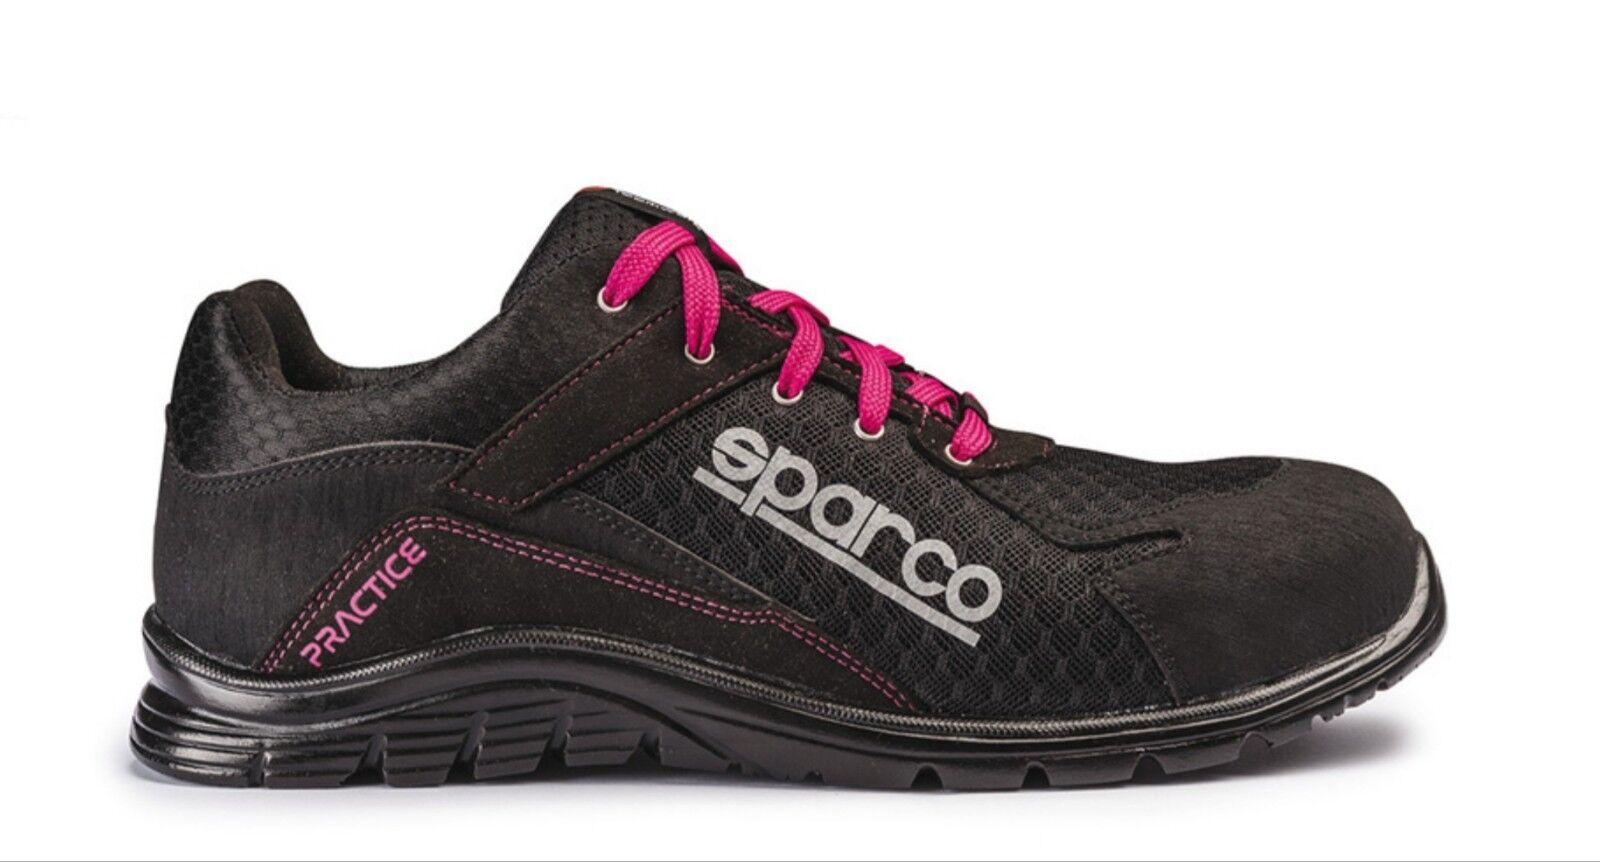 SPARCO PINK PRACTICE S1P Damen Schuh Sicherheitsschuh Arbeitsschuh Damenschuh 36